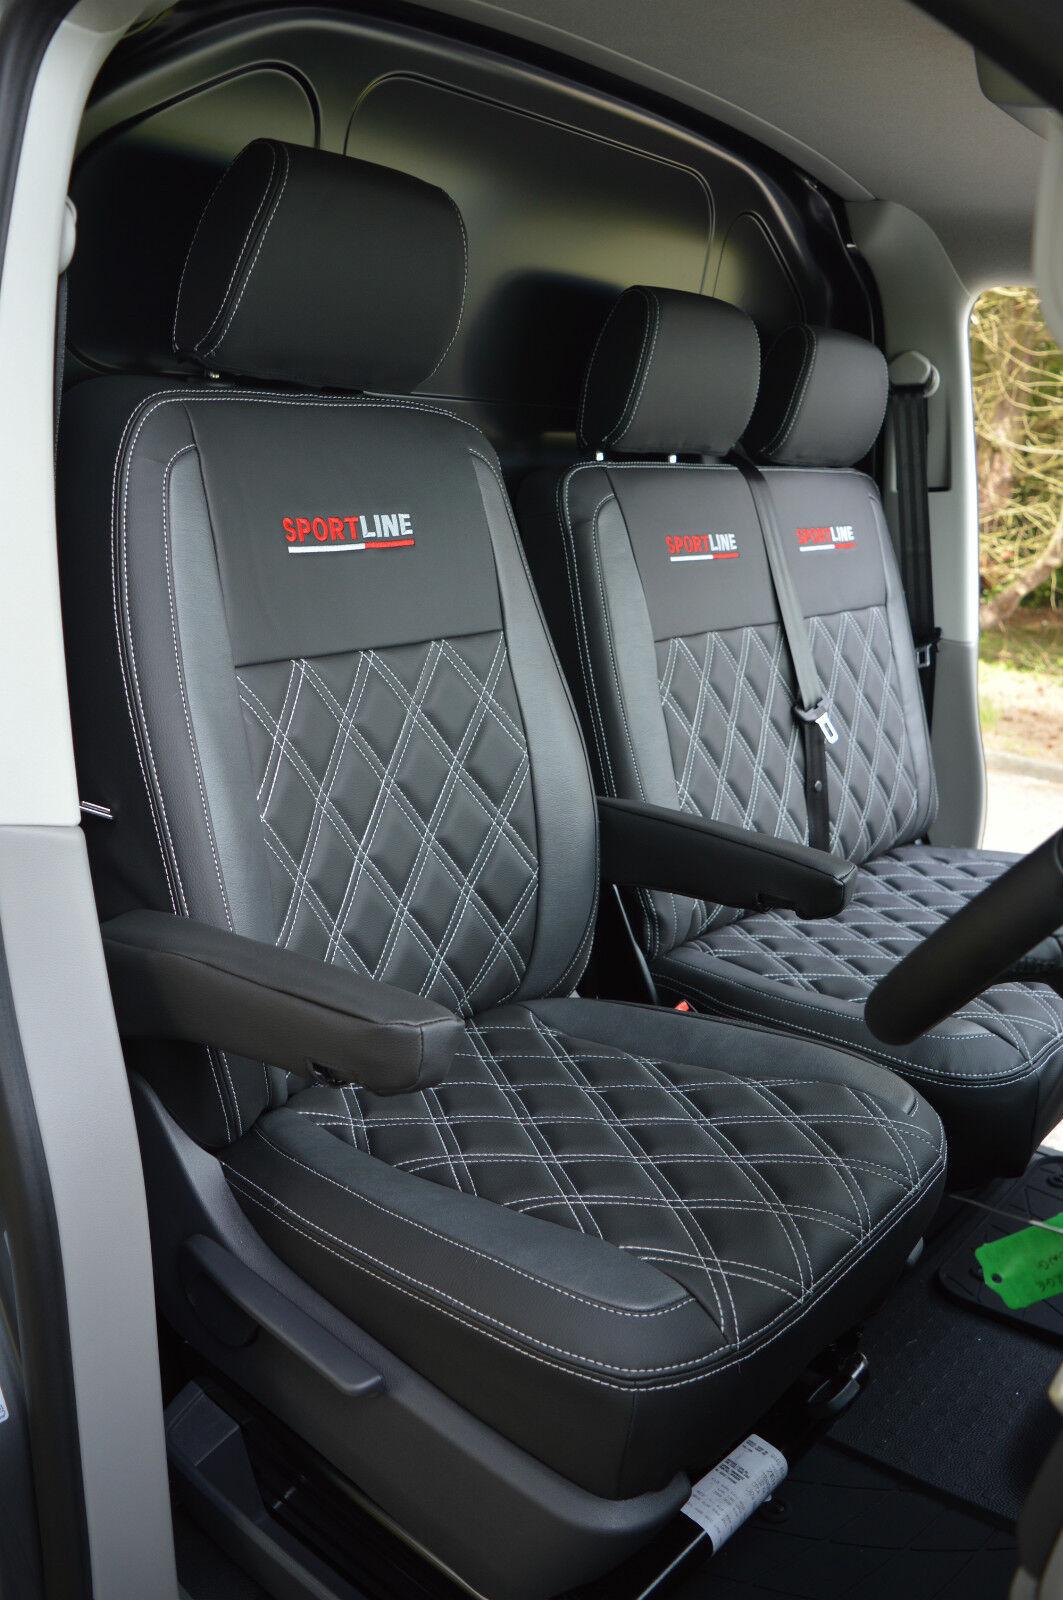 volkswagen vw transporter  van seat covers black grey  diamond quilted ebay